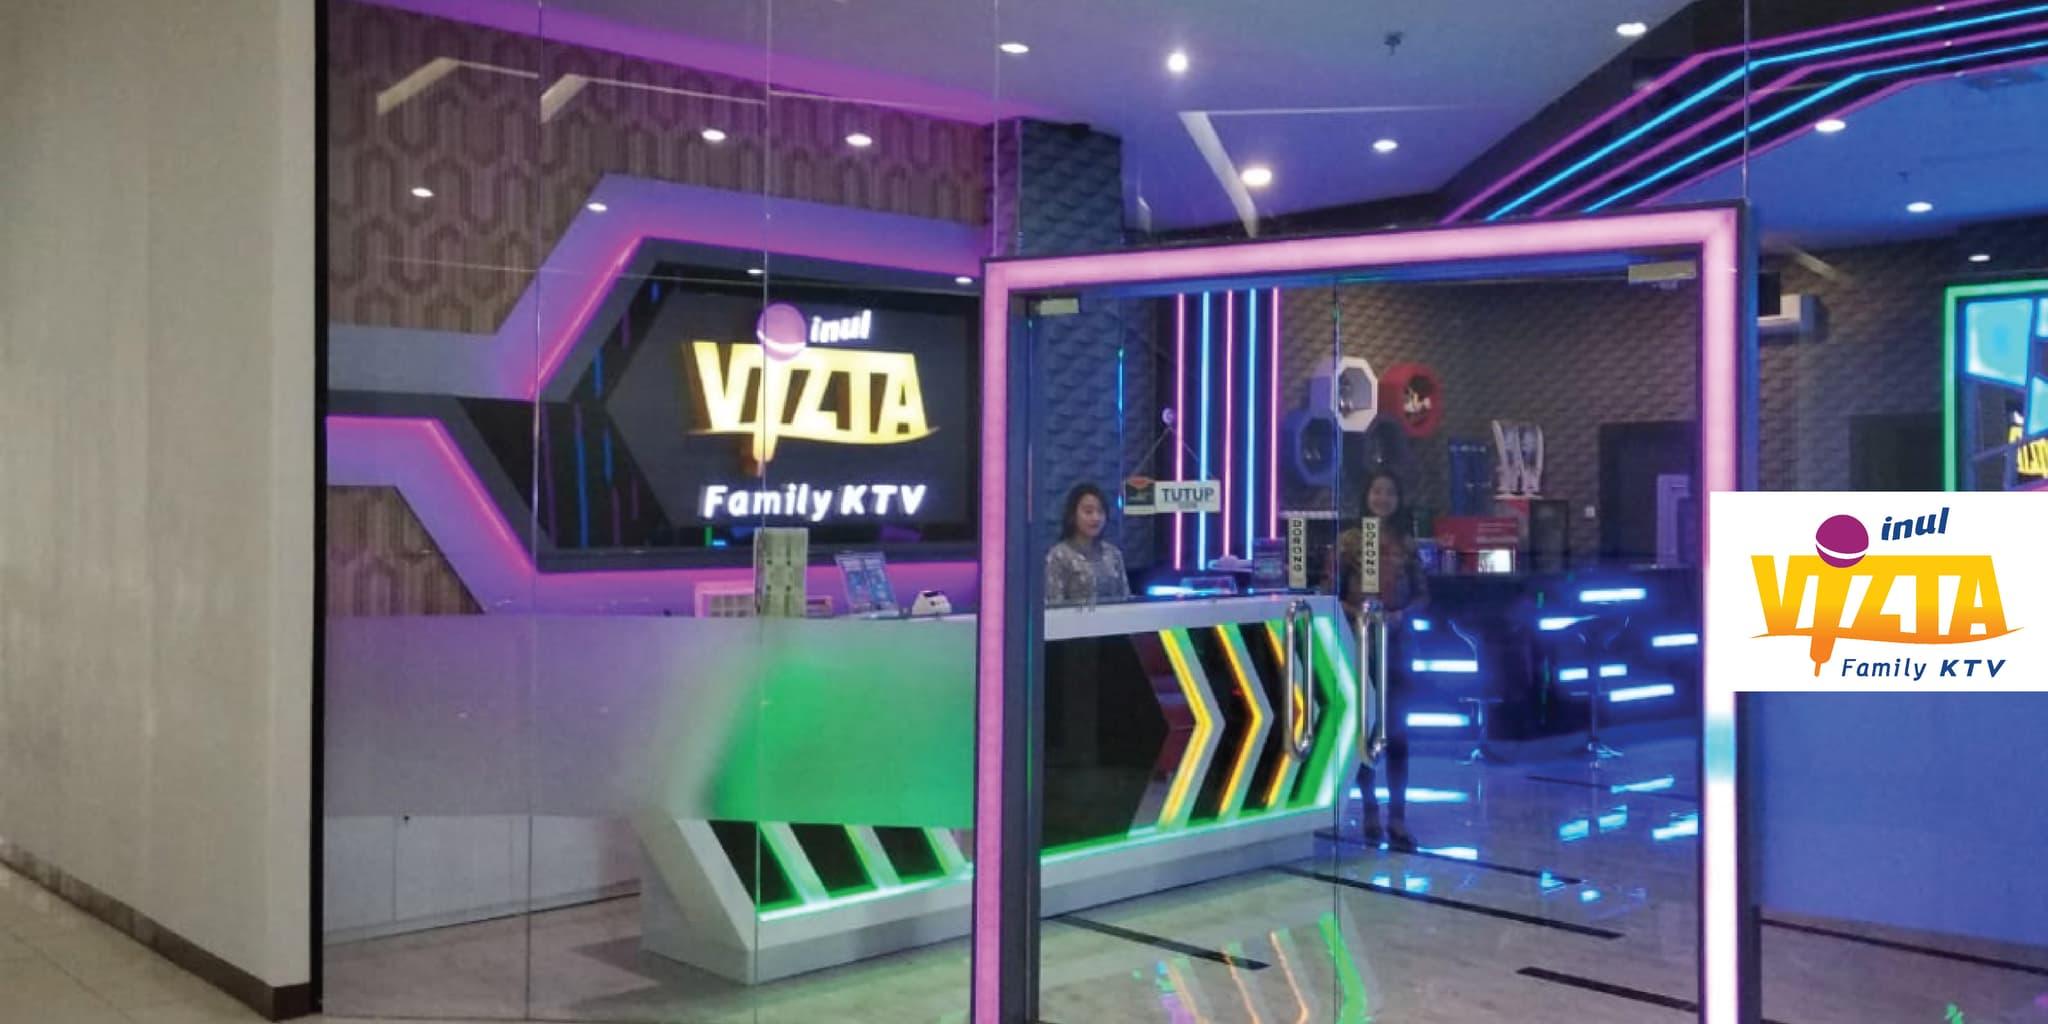 Voucher Inul Vizta Rp 100.000